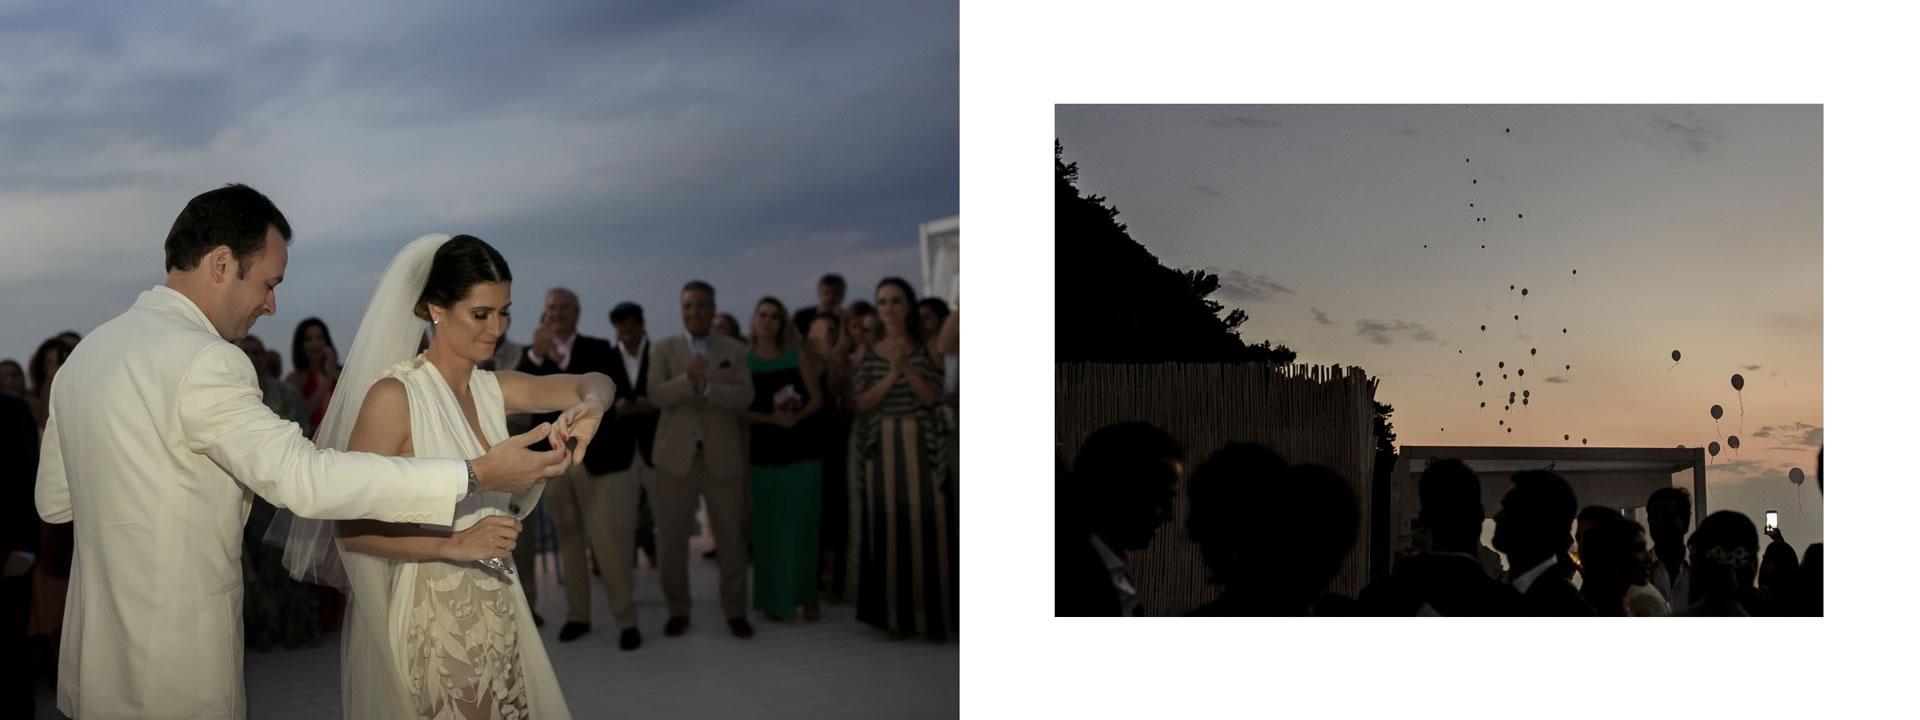 - 52 :: Jewish luxury wedding weekend in Capri :: Luxury wedding photography - 51 ::  - 52